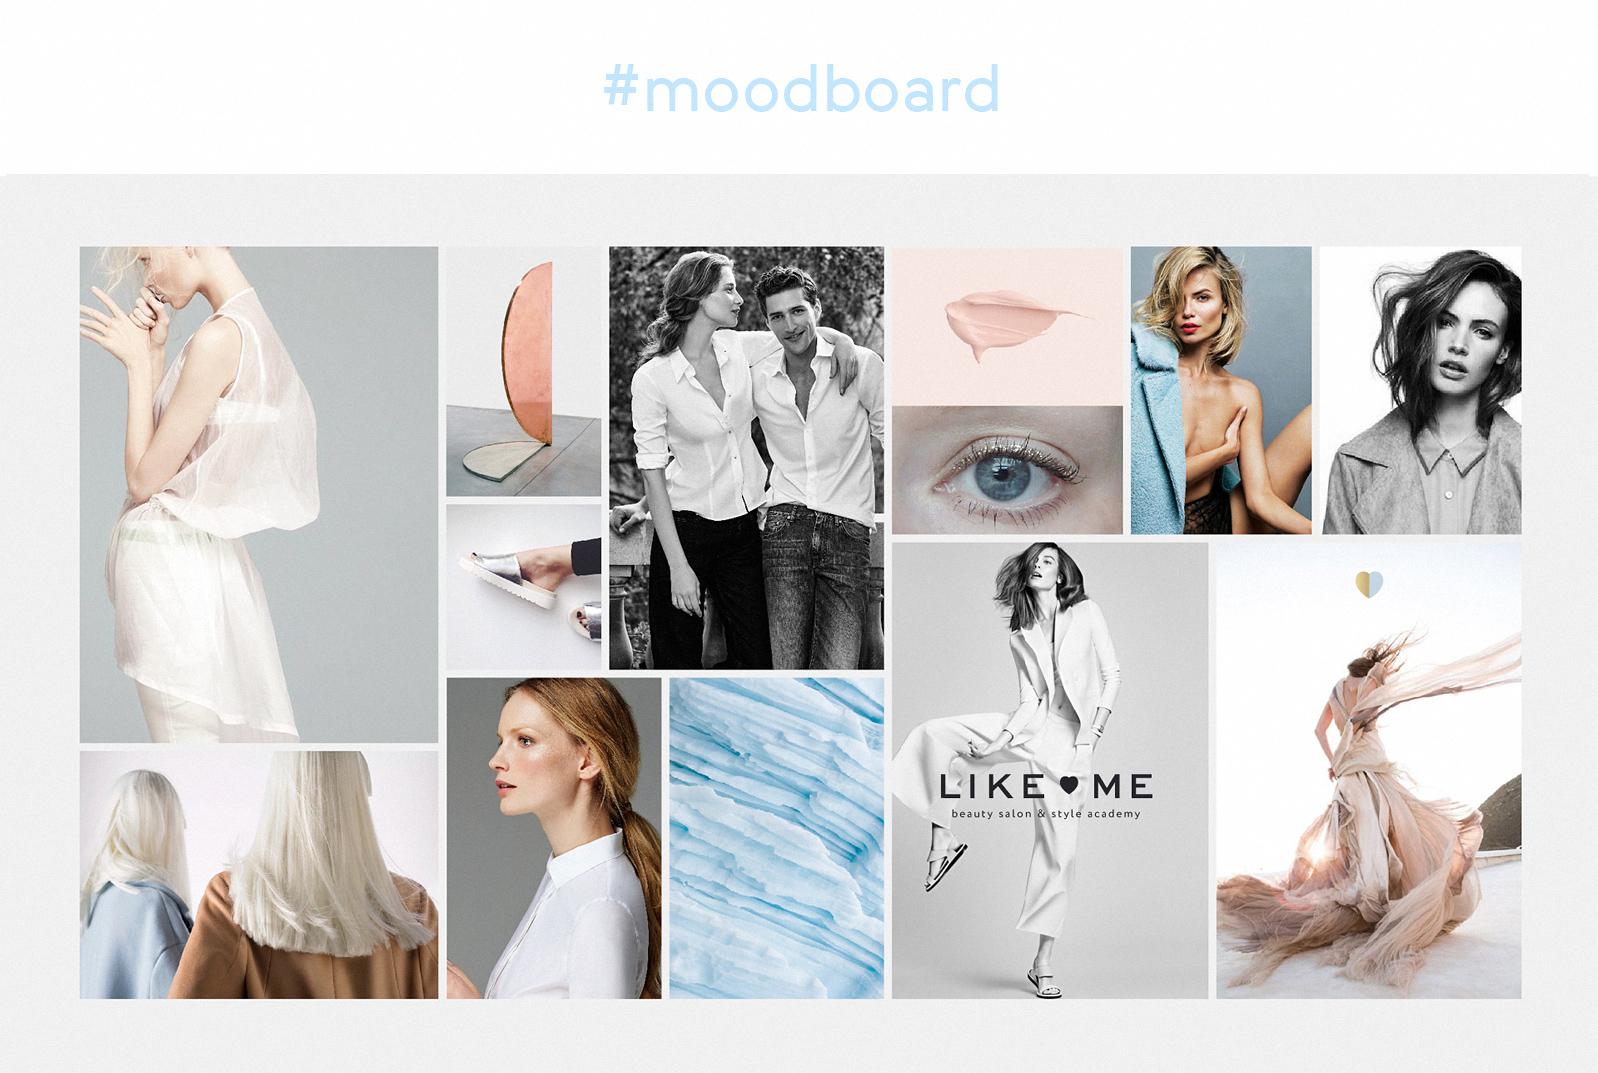 В рамках проекта разработан единый фотостиль бренда, придерживаясь которого, бренд Like Me будет сохранять свой стиль и единство восприятия на всех носителях в течение долгих лет.